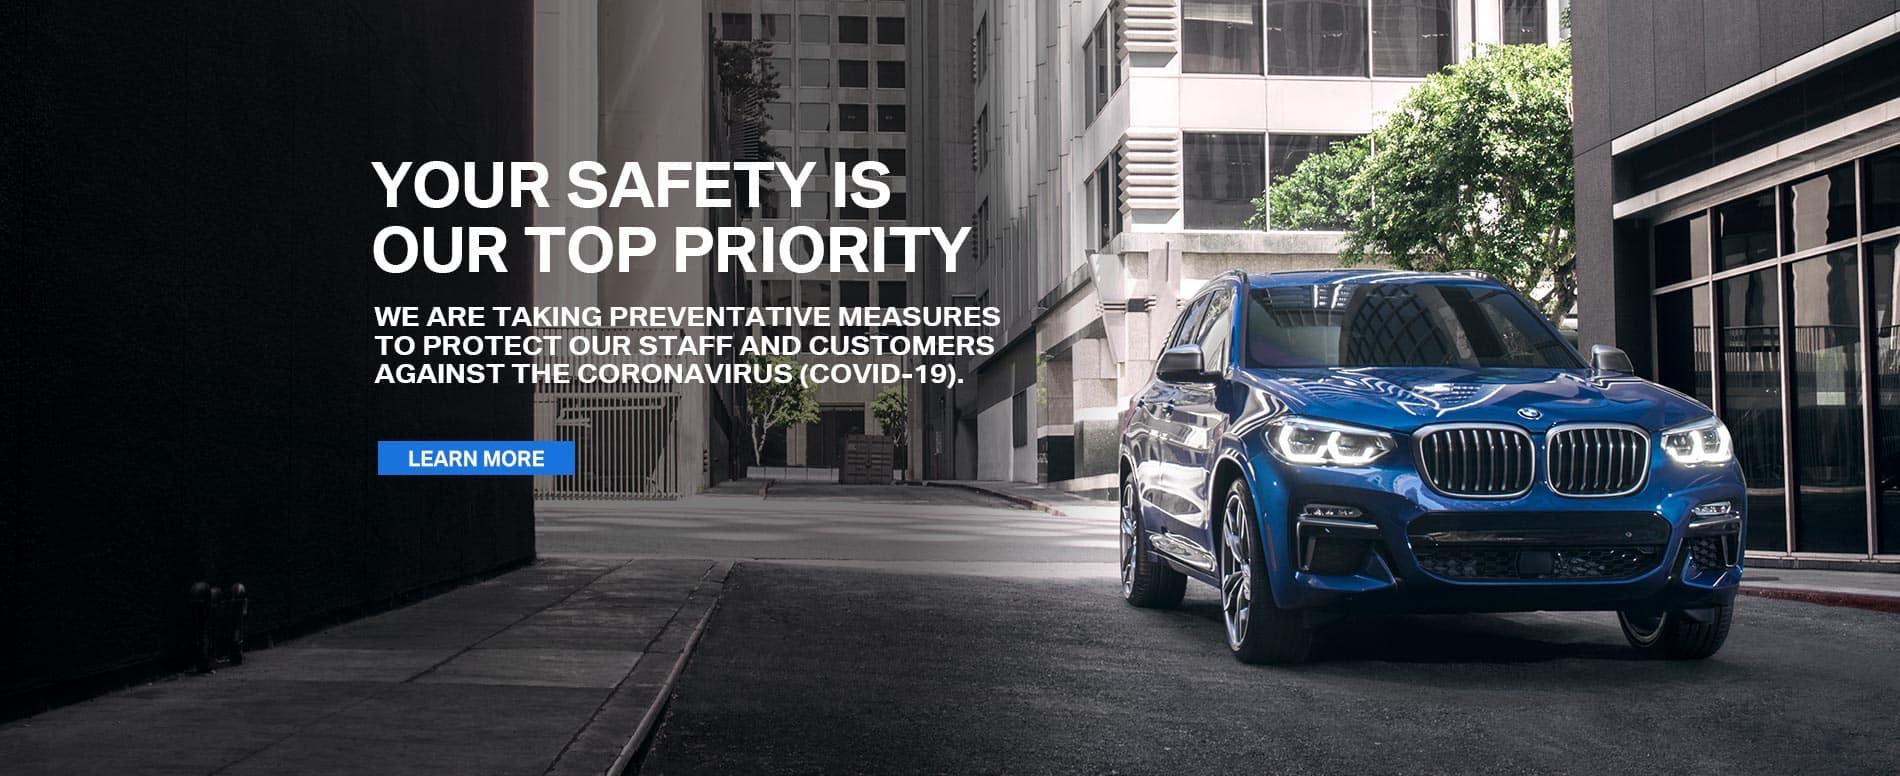 BMW Meridian Slide 03 20 Safety